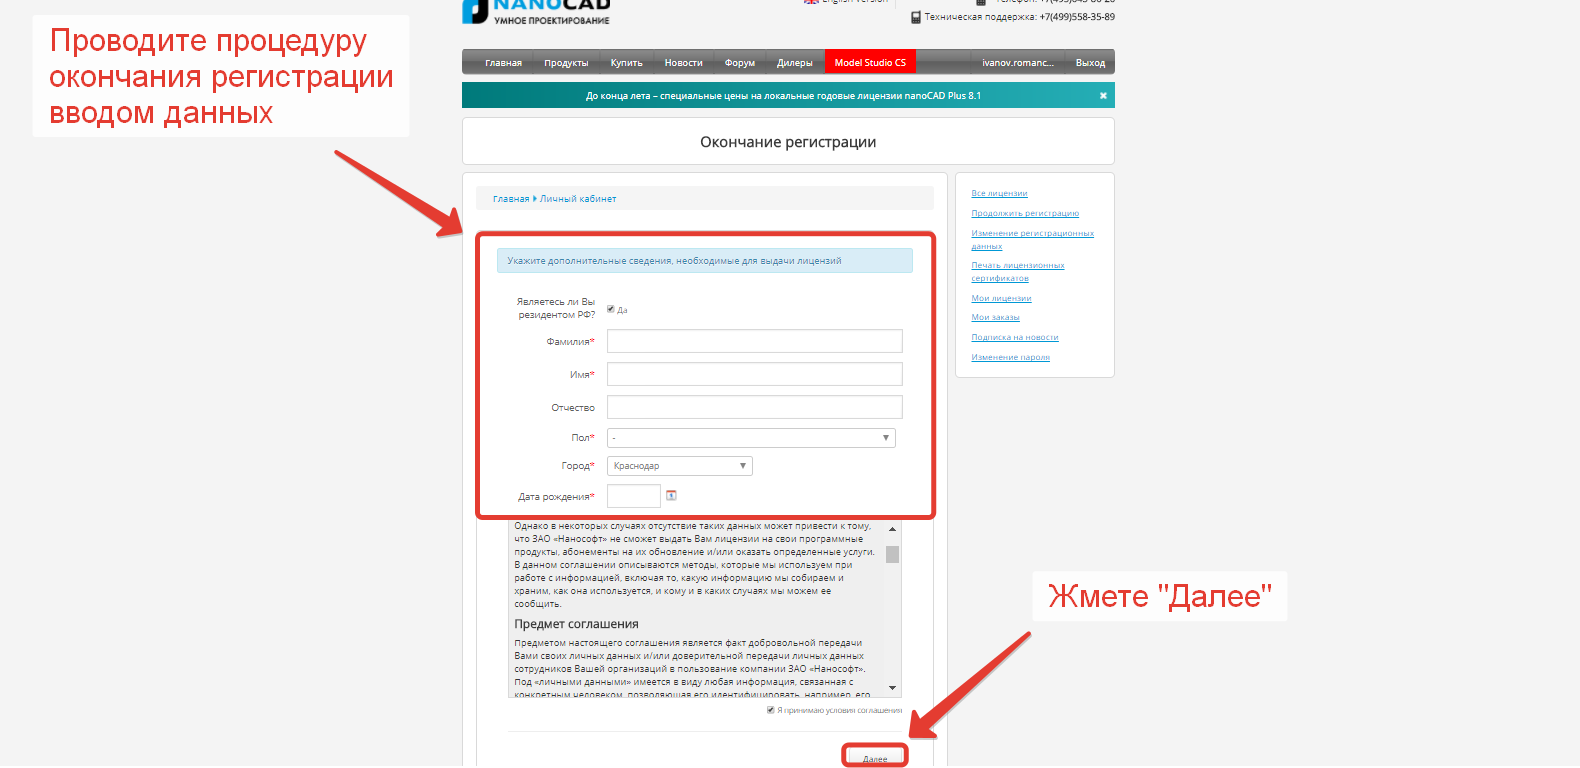 Ввод данных для регистрации в нанокад